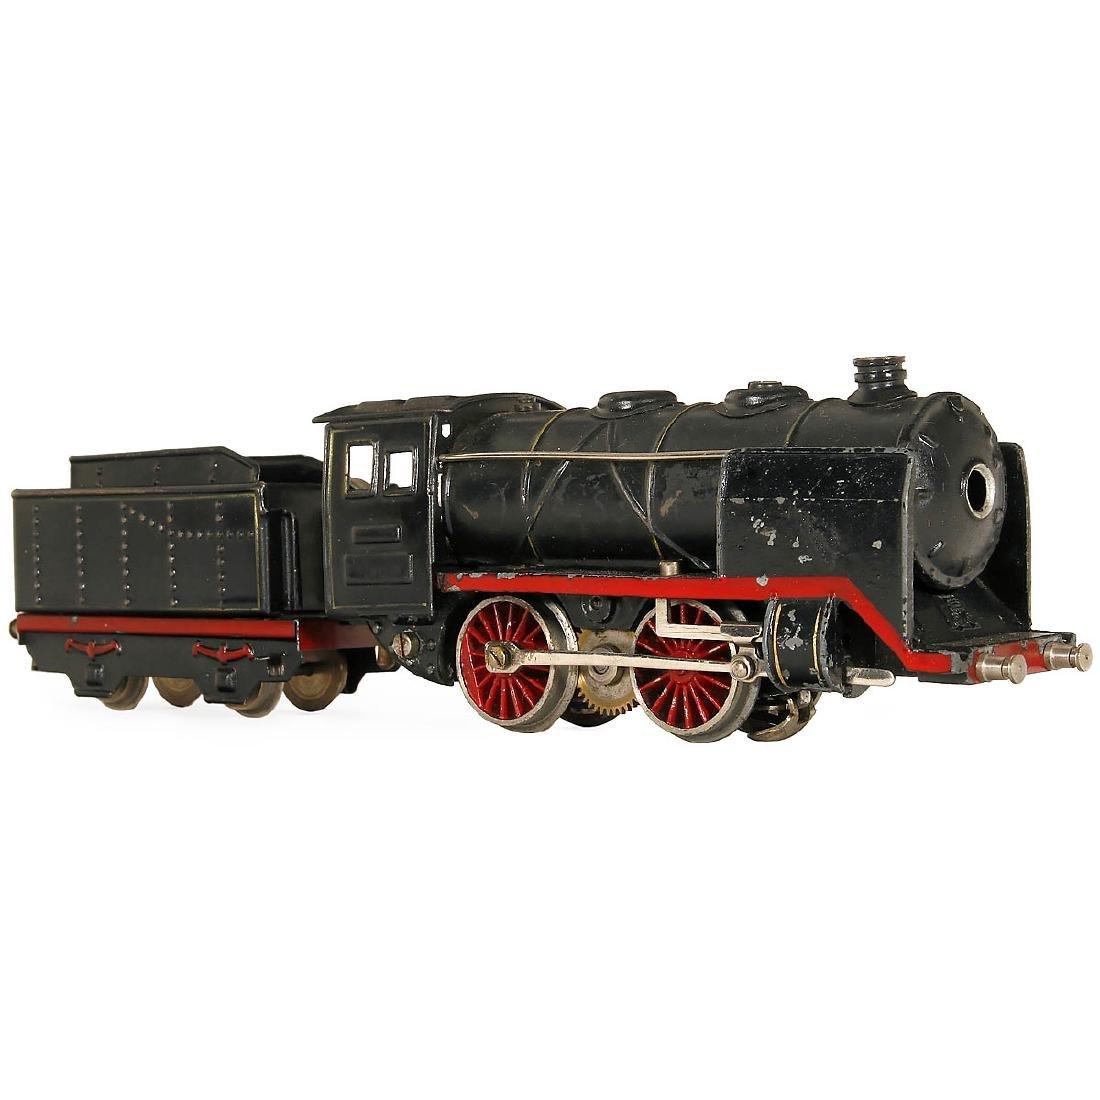 Märklin R 700 Steam Locomotive, c. 1938